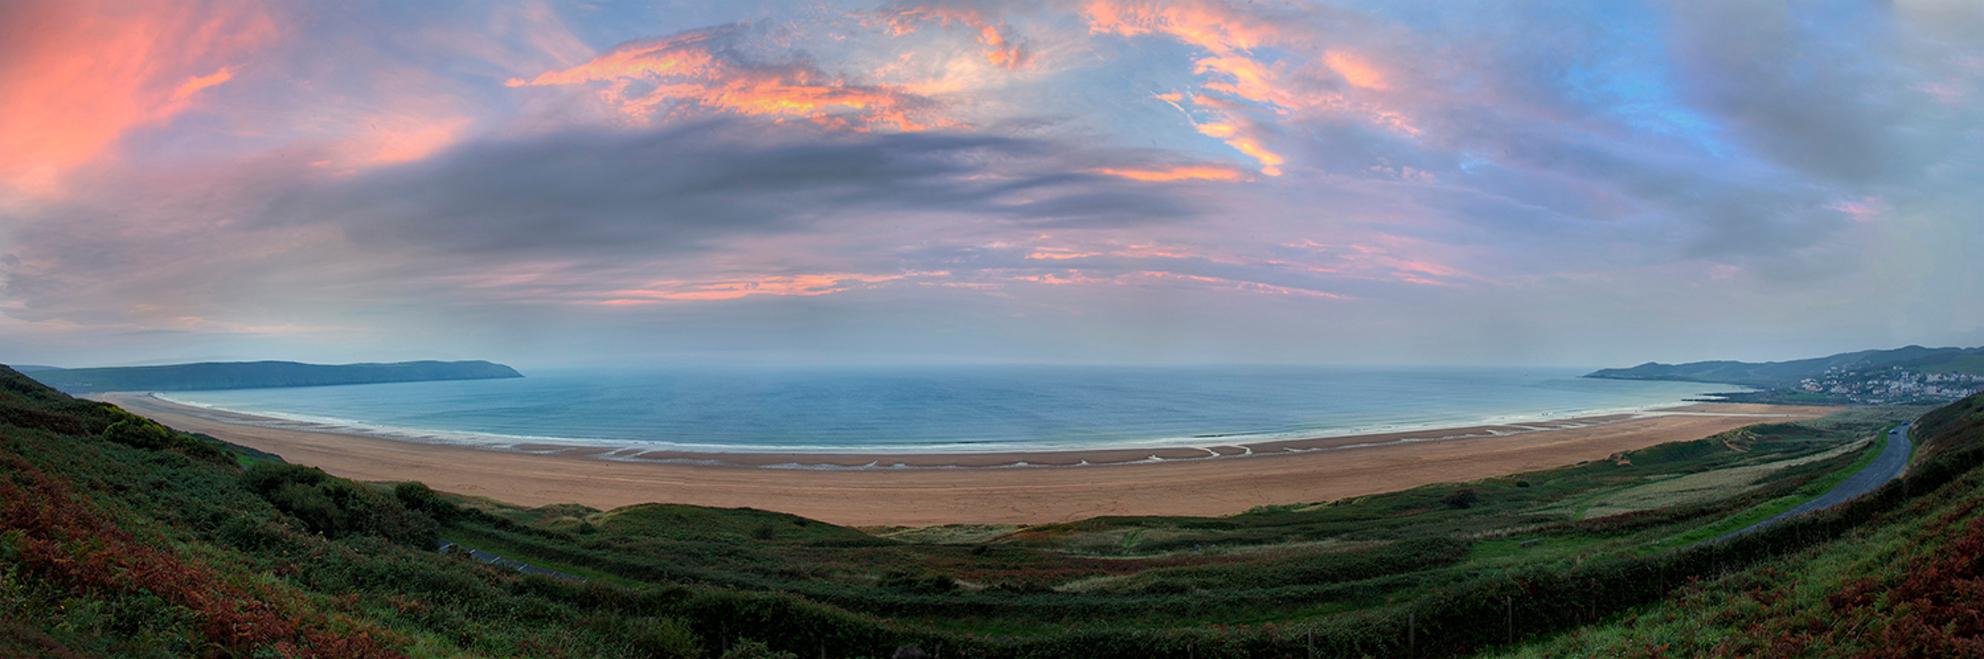 Woolacombe Beach - Atlantische kust van North Devon - foto door mwitjes op 07-10-2013 - deze foto bevat: strand, zee, panorama, zonsondergang, kust, engeland, uk, southwest coastal path